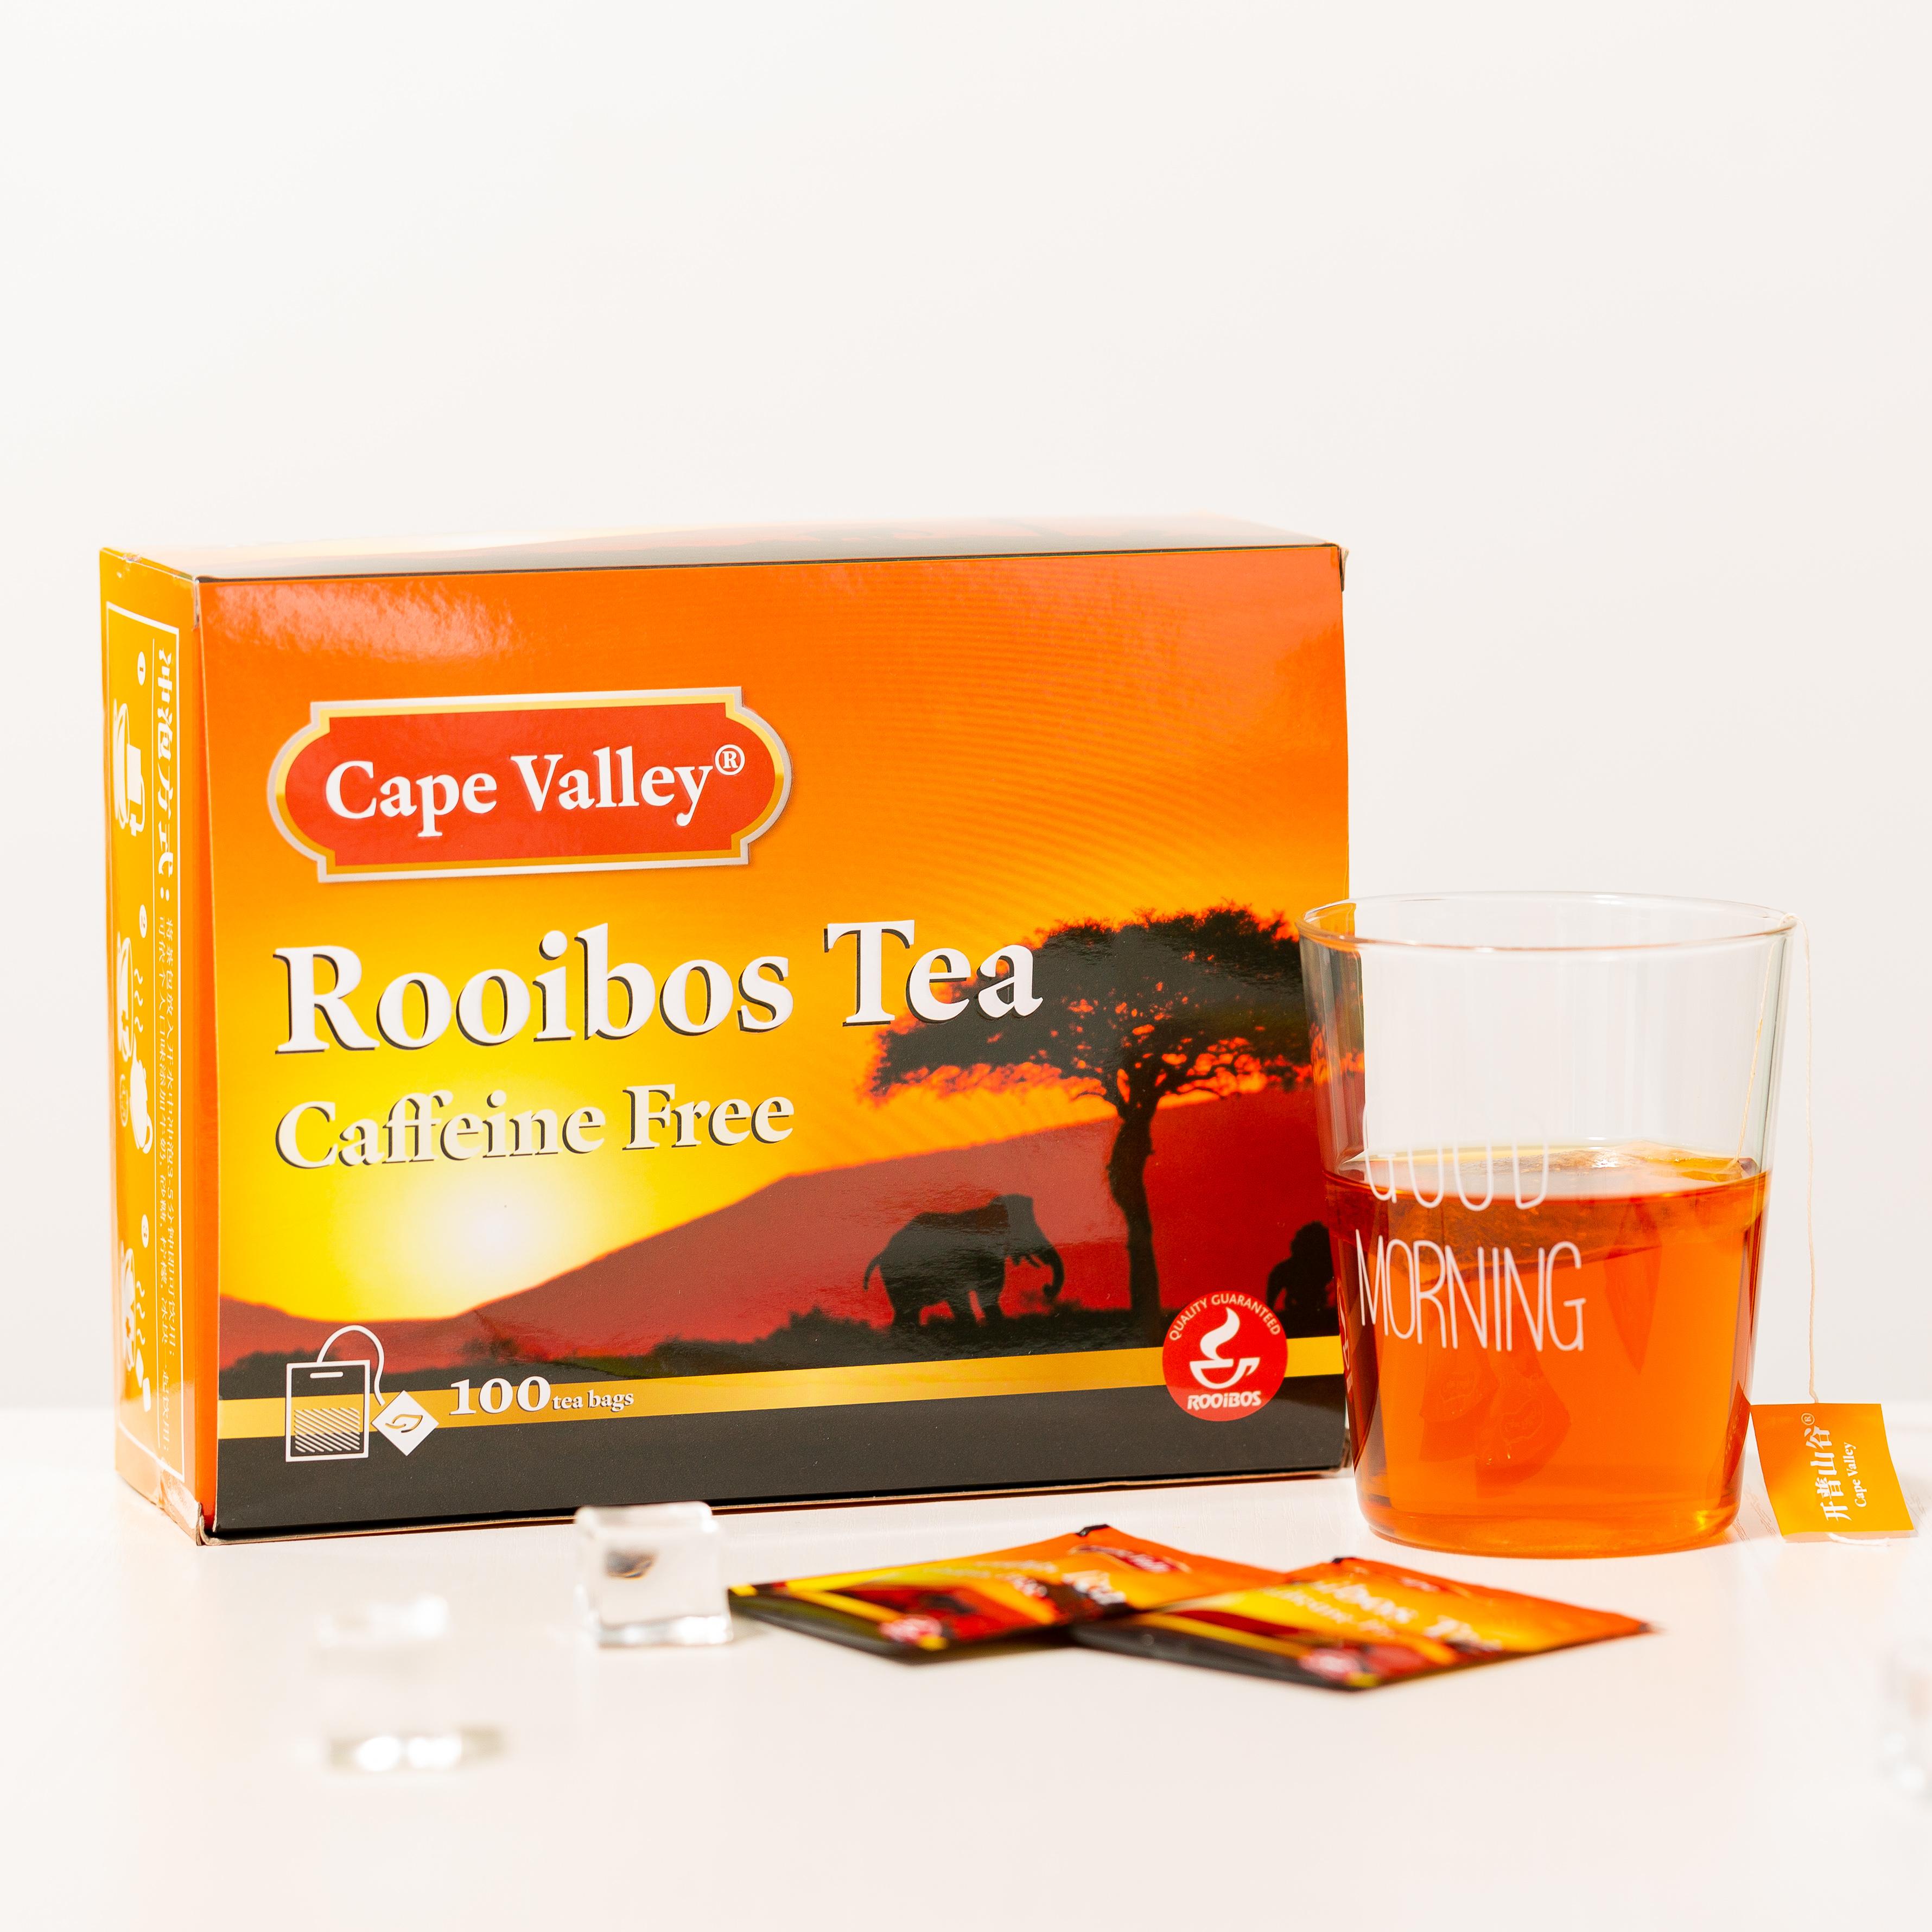 「可以喝的神仙水」开普山谷南非博士茶 Rooibos路易波士国宝红茶无咖啡因 美容养颜  0卡路里 无糖分  孕妇可喝100袋/盒 商品图12